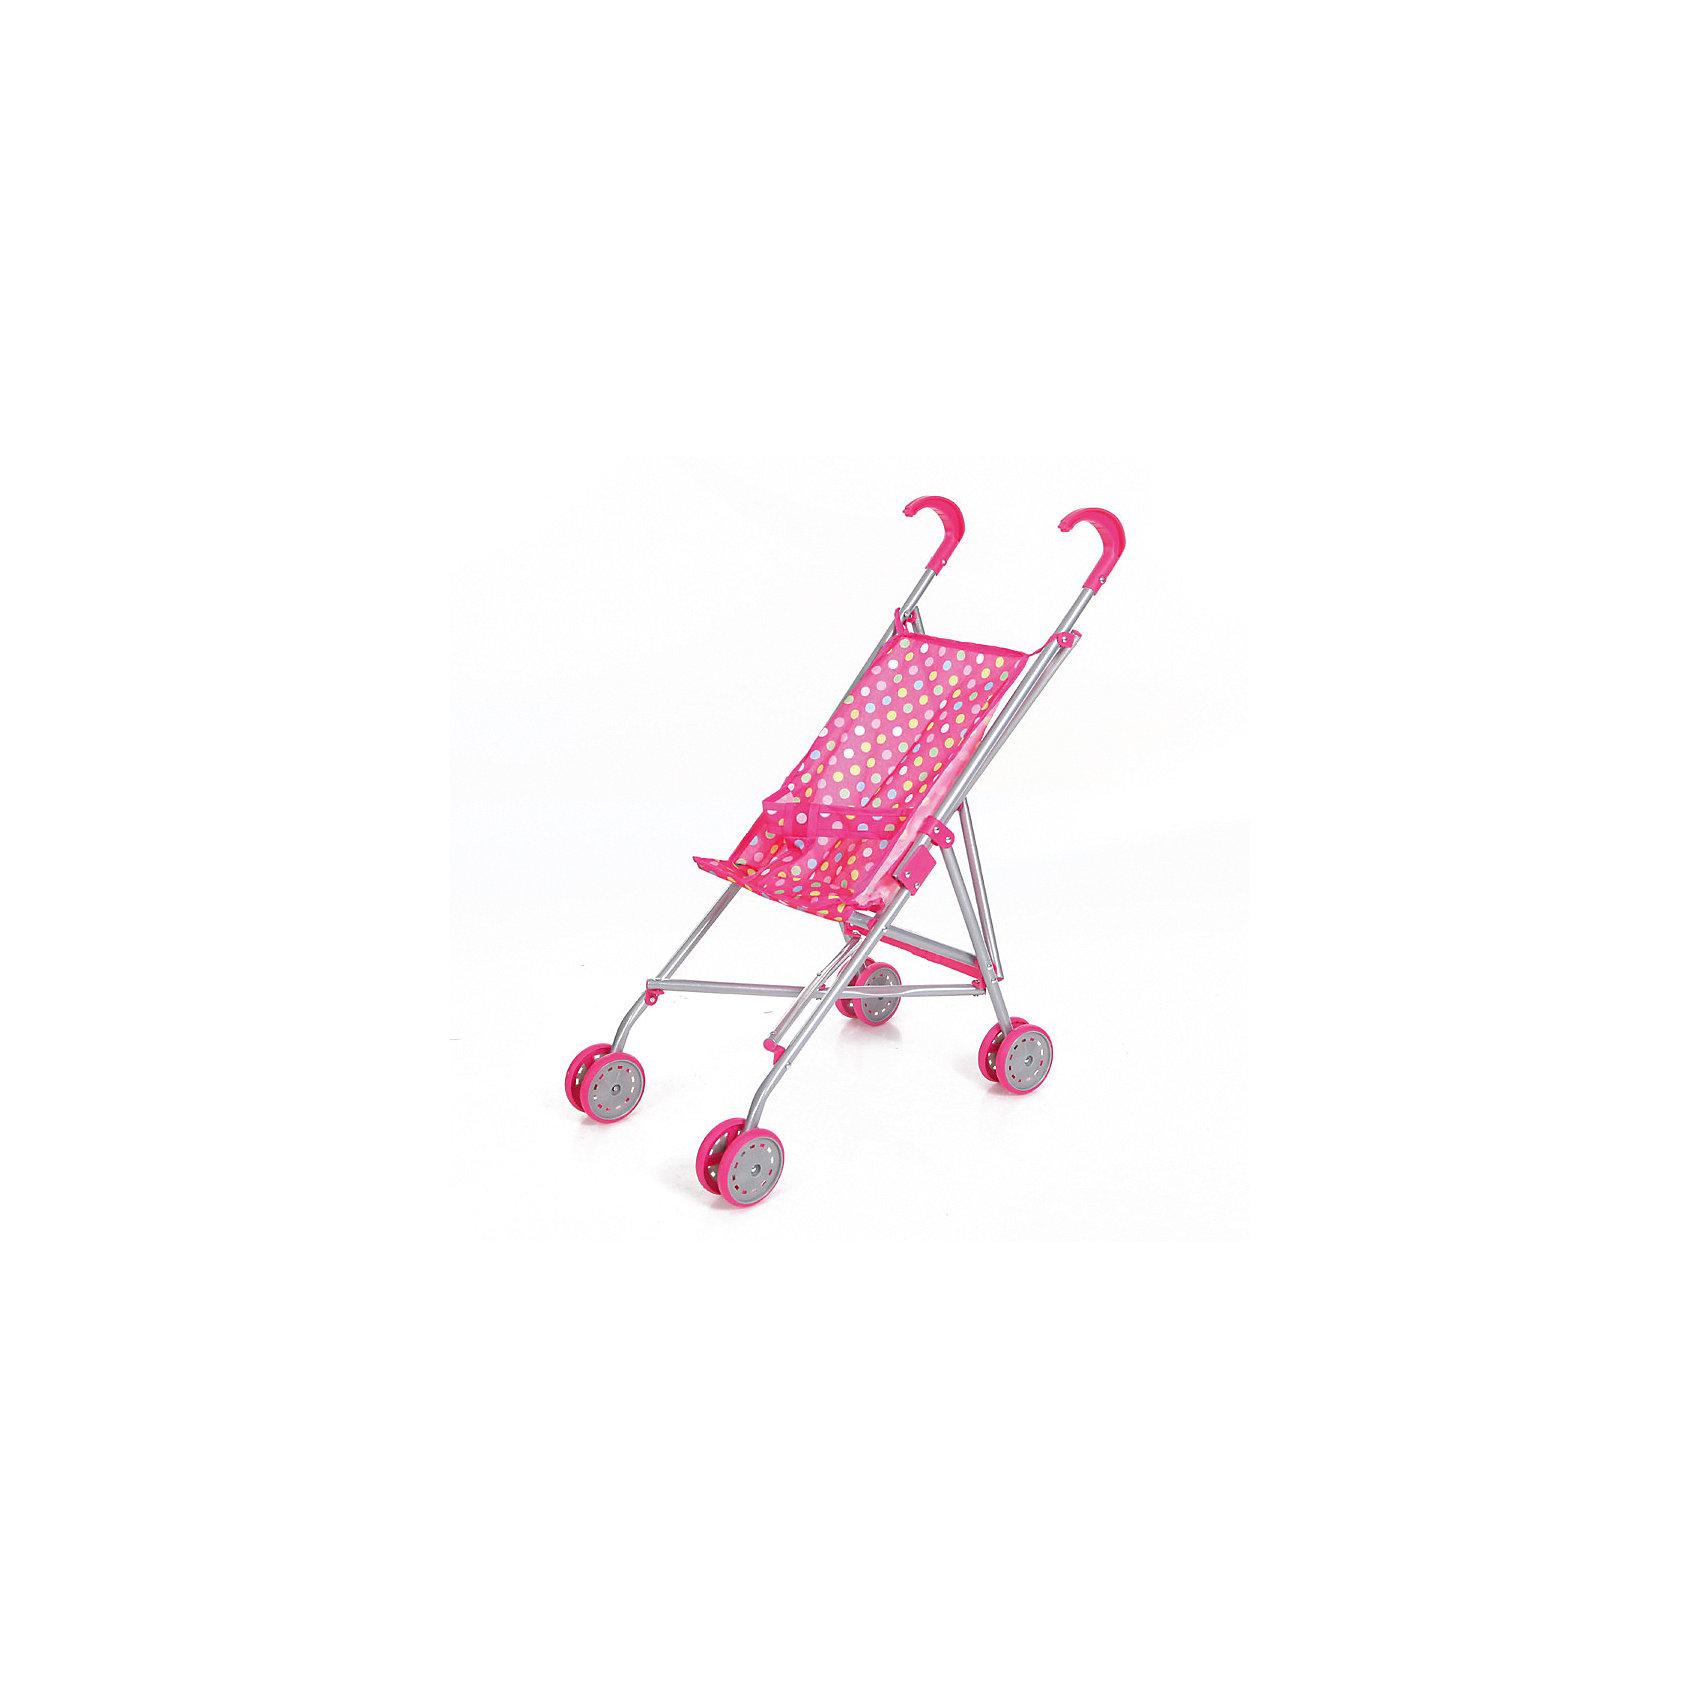 Коляска-трость для кукол, горошек, MeloboКоляски и транспорт для кукол<br>Характеристики:<br><br>• вид коляски: для кукол;<br>• тип складывания: трость;<br>• тип колес: сдвоенные, неповоротные;<br>• тип ручки: отдельные;<br>• комплектация: коляска-трость с ремнем безопасности;<br>• материал: алюминий, пластик, текстиль;<br>• размер коляски: 52х26х55 см;<br>• размер упаковки: 65,5х27х28 см.<br><br>Прогулочная коляска для куколки превратит прогулки в удовольствие. Куколку или зверушку можно посадить в колясочку, пристегнуть ремнями безопасности (на липучке) и отправиться на прогулку. Коляска Melobo компактно складывается для транспортировки и хранения. <br><br>Коляску-трость для кукол, горошек, Melobo можно купить в нашем магазине.<br><br>Ширина мм: 650<br>Глубина мм: 90<br>Высота мм: 110<br>Вес г: 600<br>Возраст от месяцев: 36<br>Возраст до месяцев: 2147483647<br>Пол: Женский<br>Возраст: Детский<br>SKU: 5298992